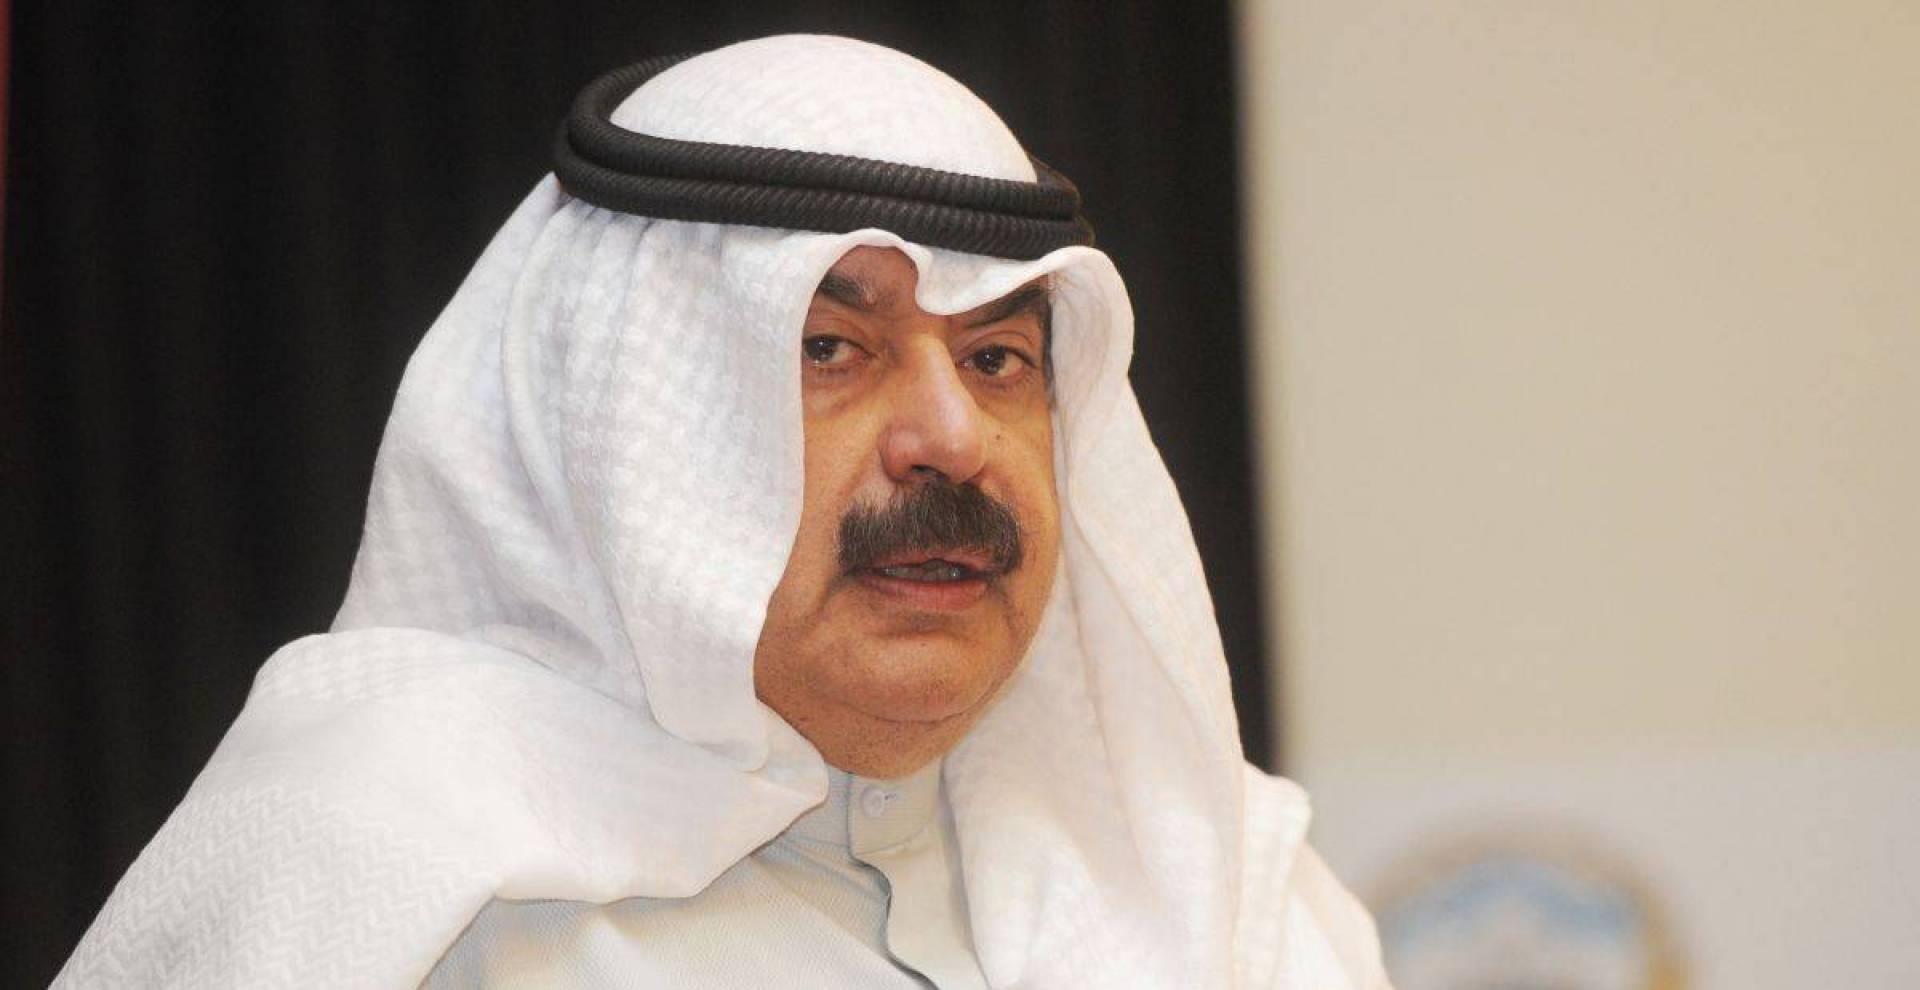 الجارالله: أوضاع المنطقة تتطلب توحيد الموقف الخليجي